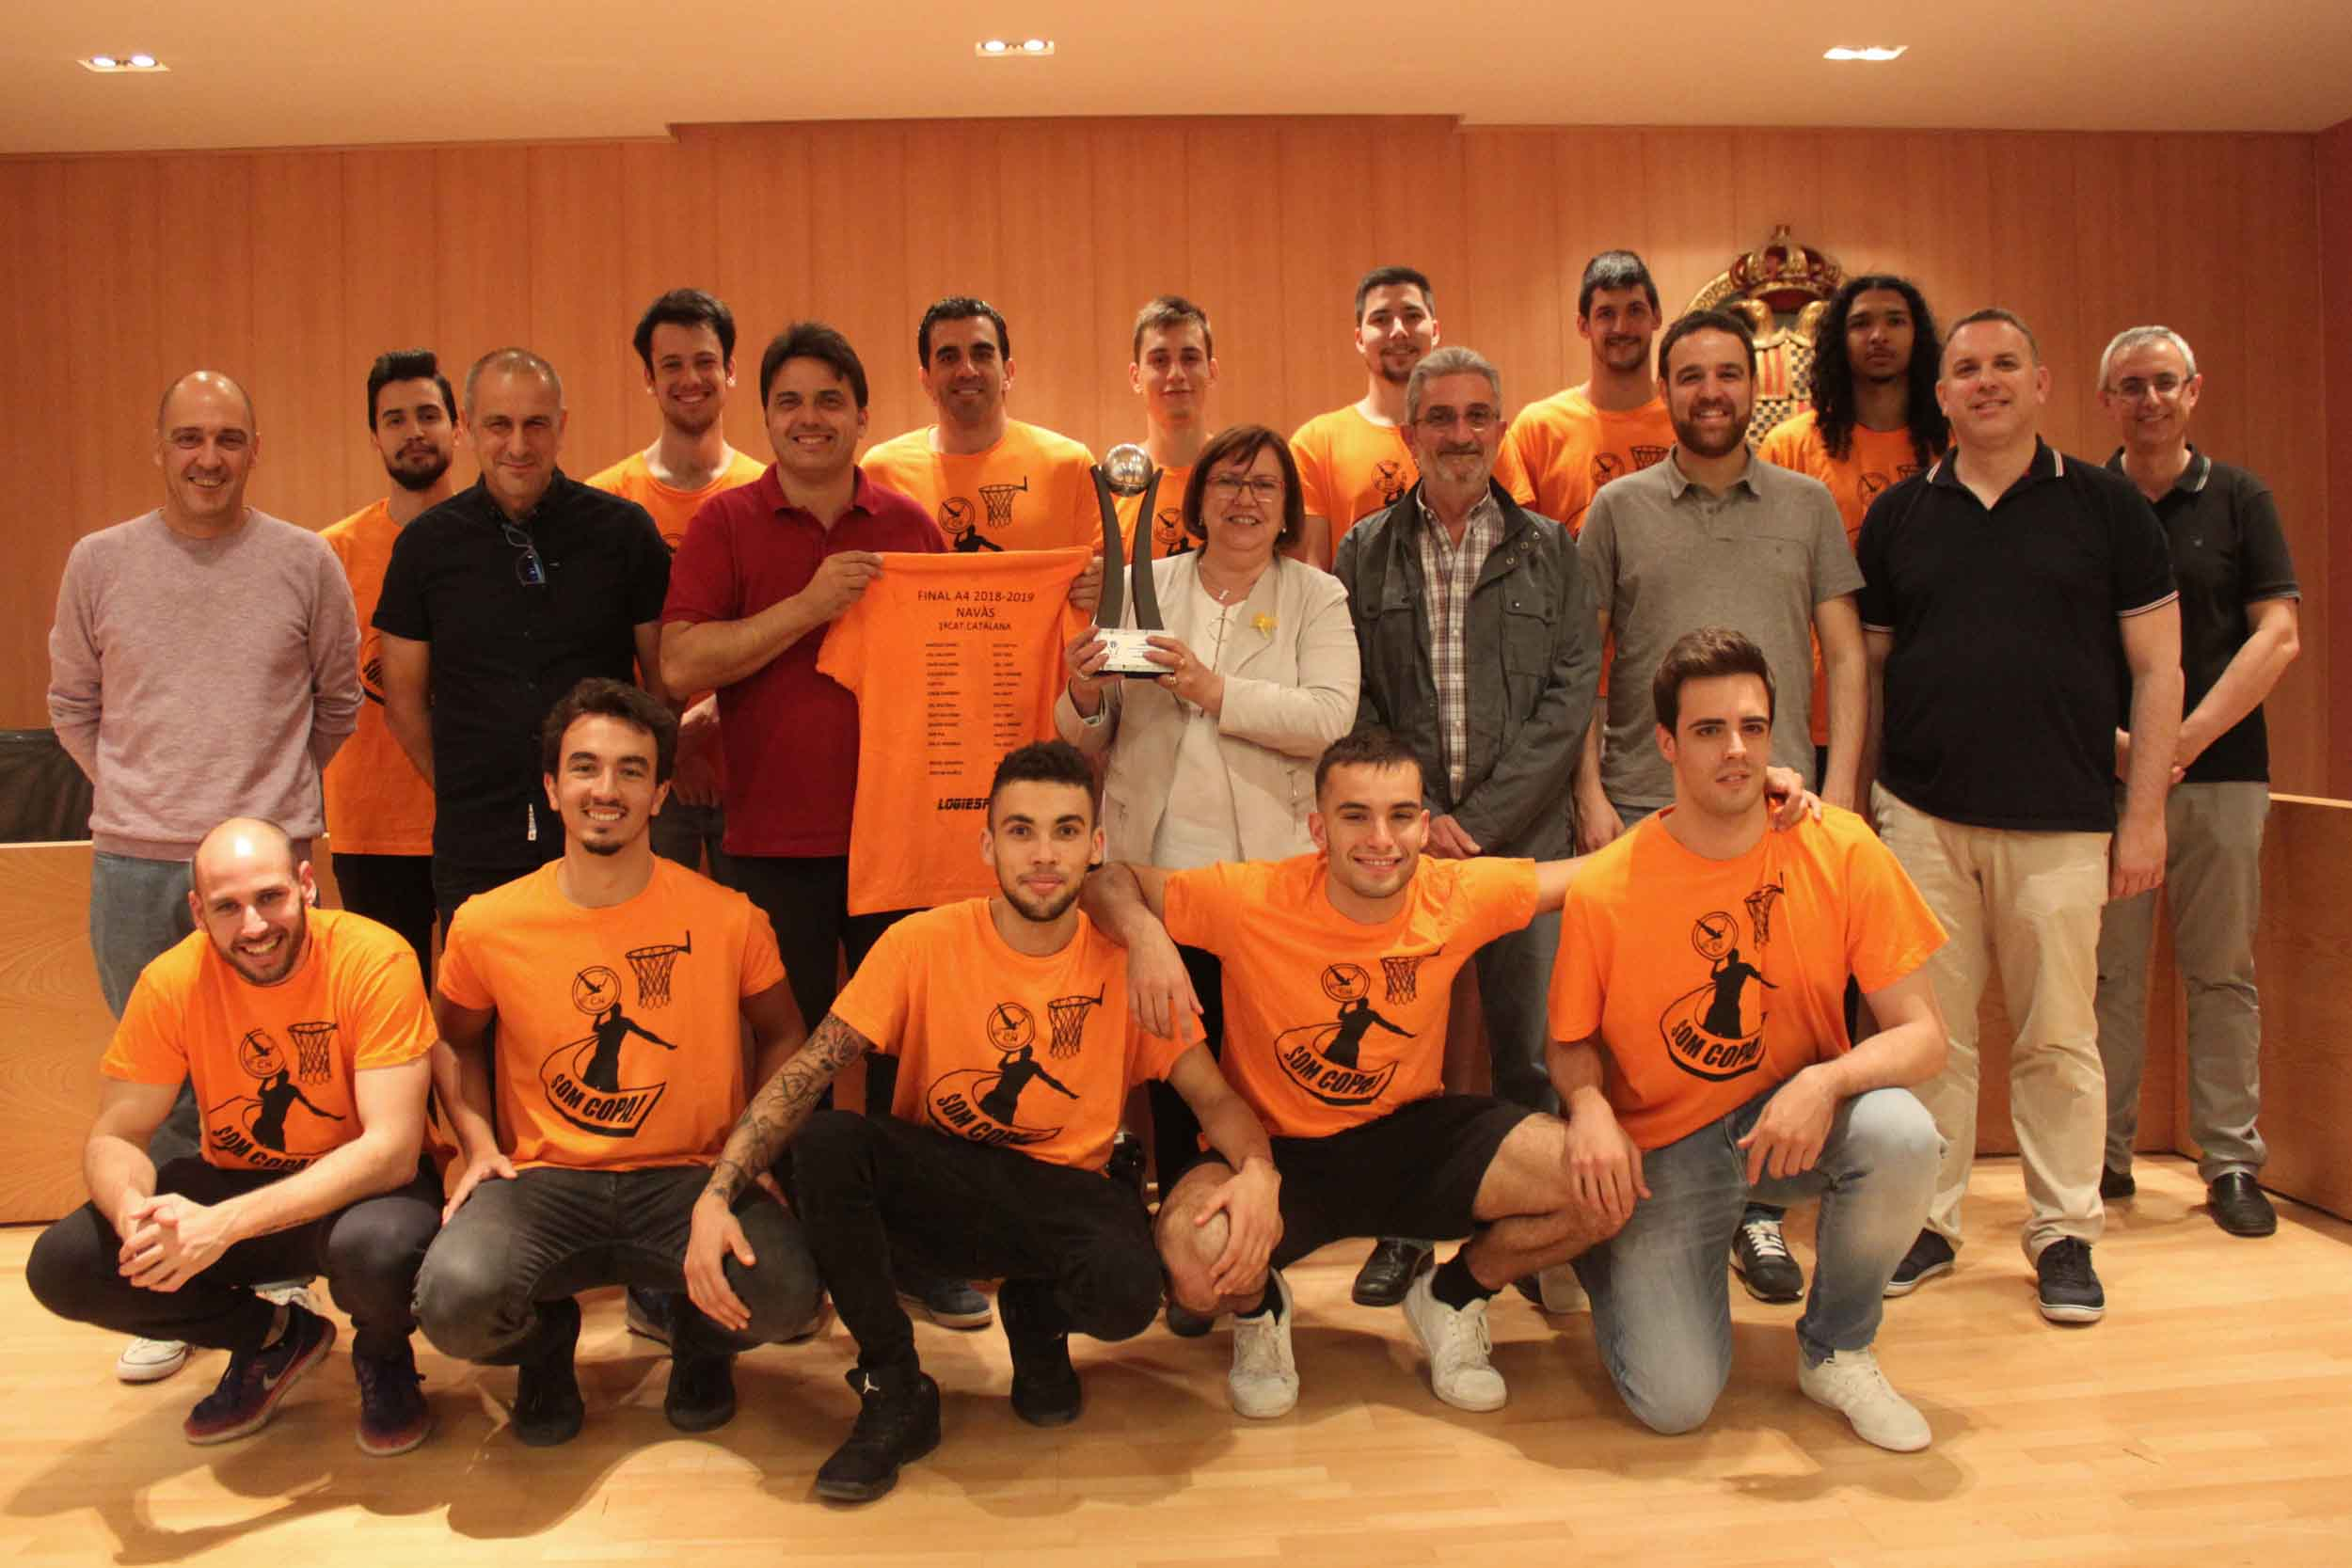 L'Ajuntament de Tàrrega homenatja l'equip Sènior Masculí del Club Natació Tàrrega, campió de Primera Catalana de Bàsquet